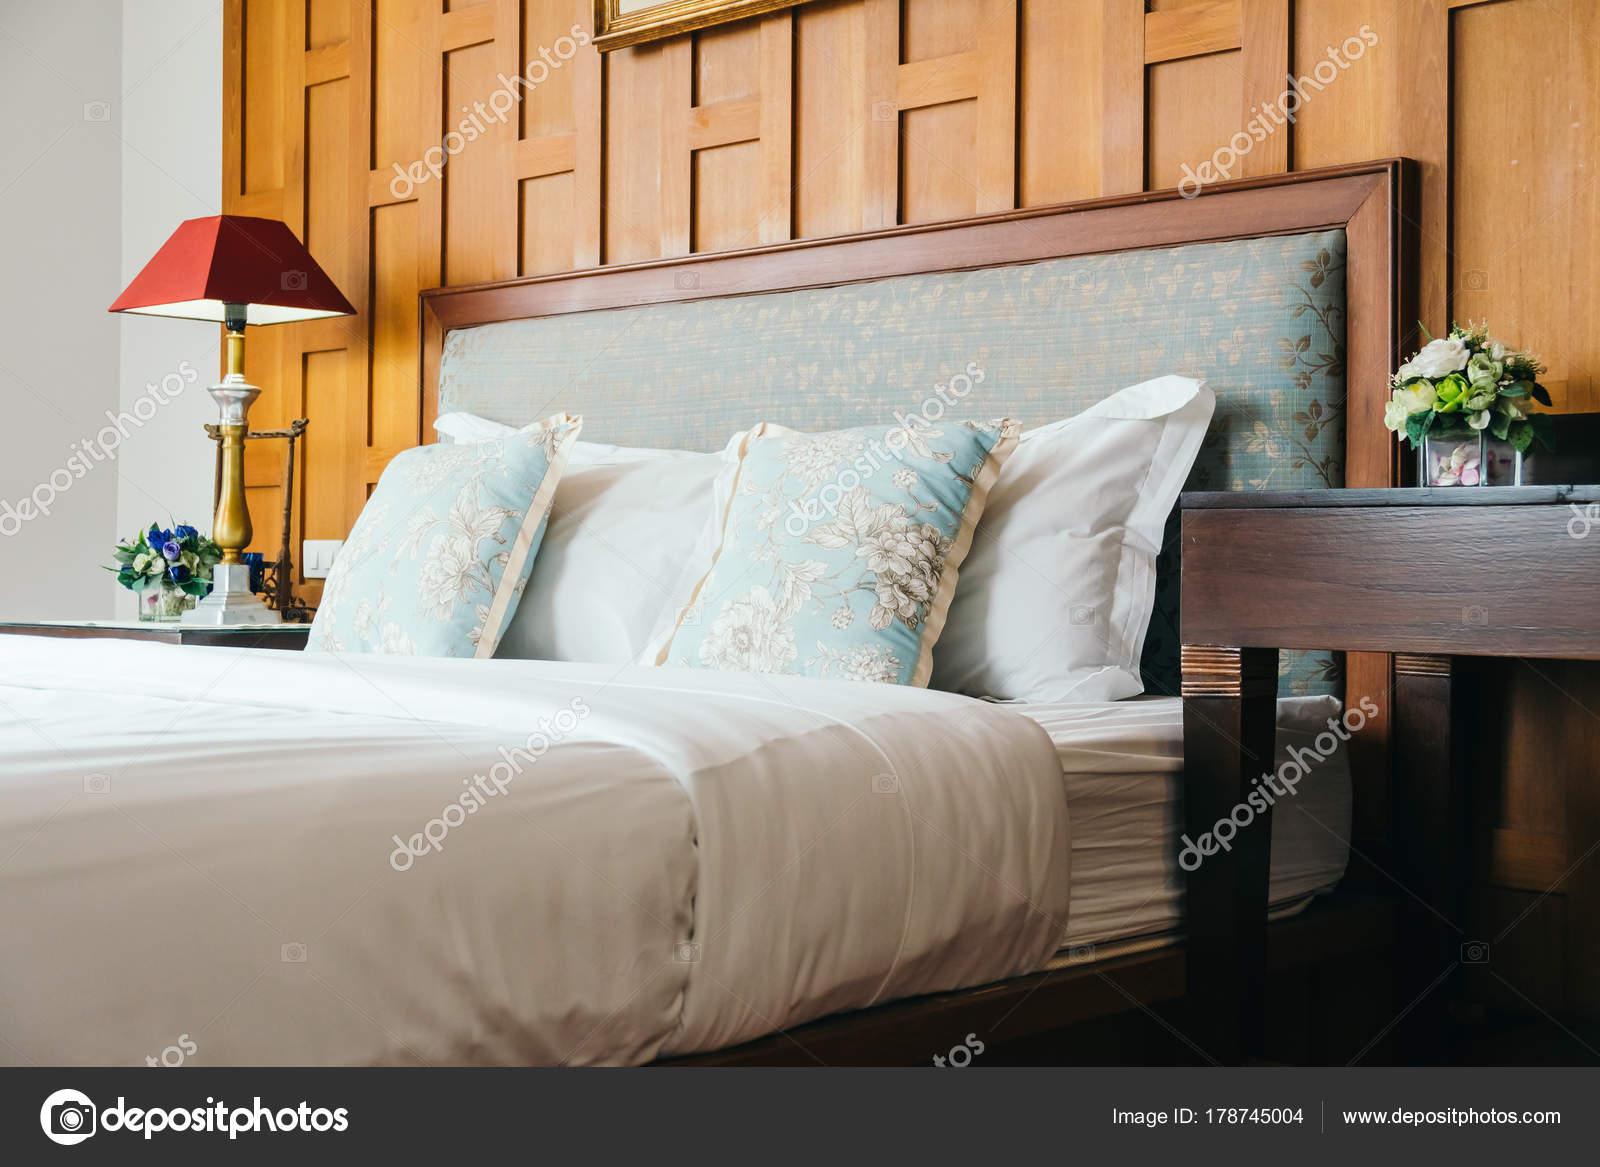 Perfekt Komfort Kissen Auf Dem Bett Mit Lampe Dekoration Hotel Schlafzimmer U2014  Stockfoto